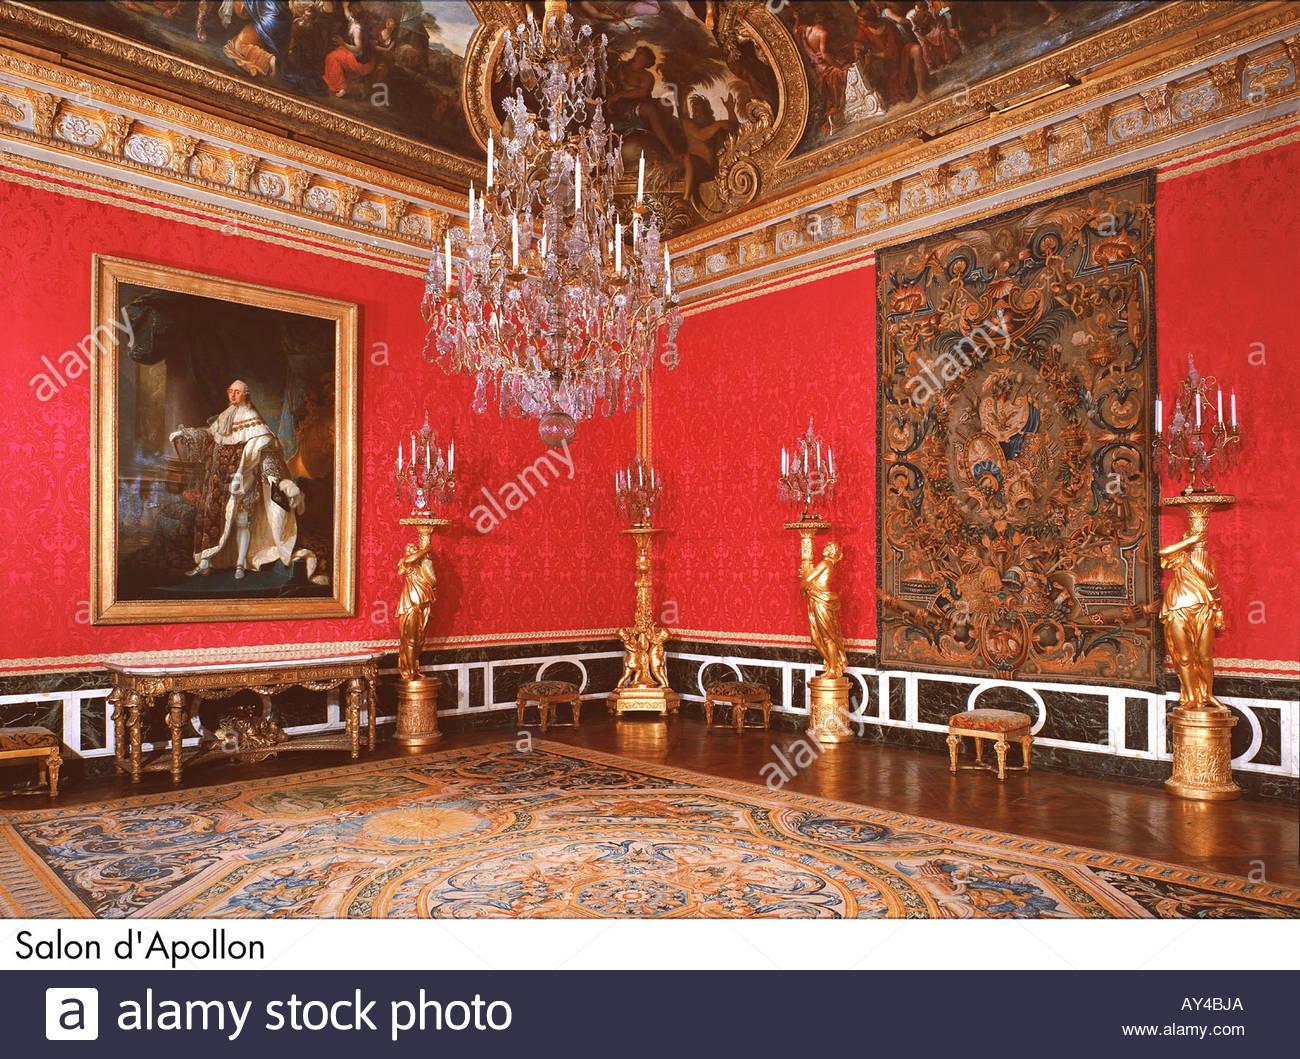 Palace of versailles salon d apollon stock photo royalty for Salon d apollon